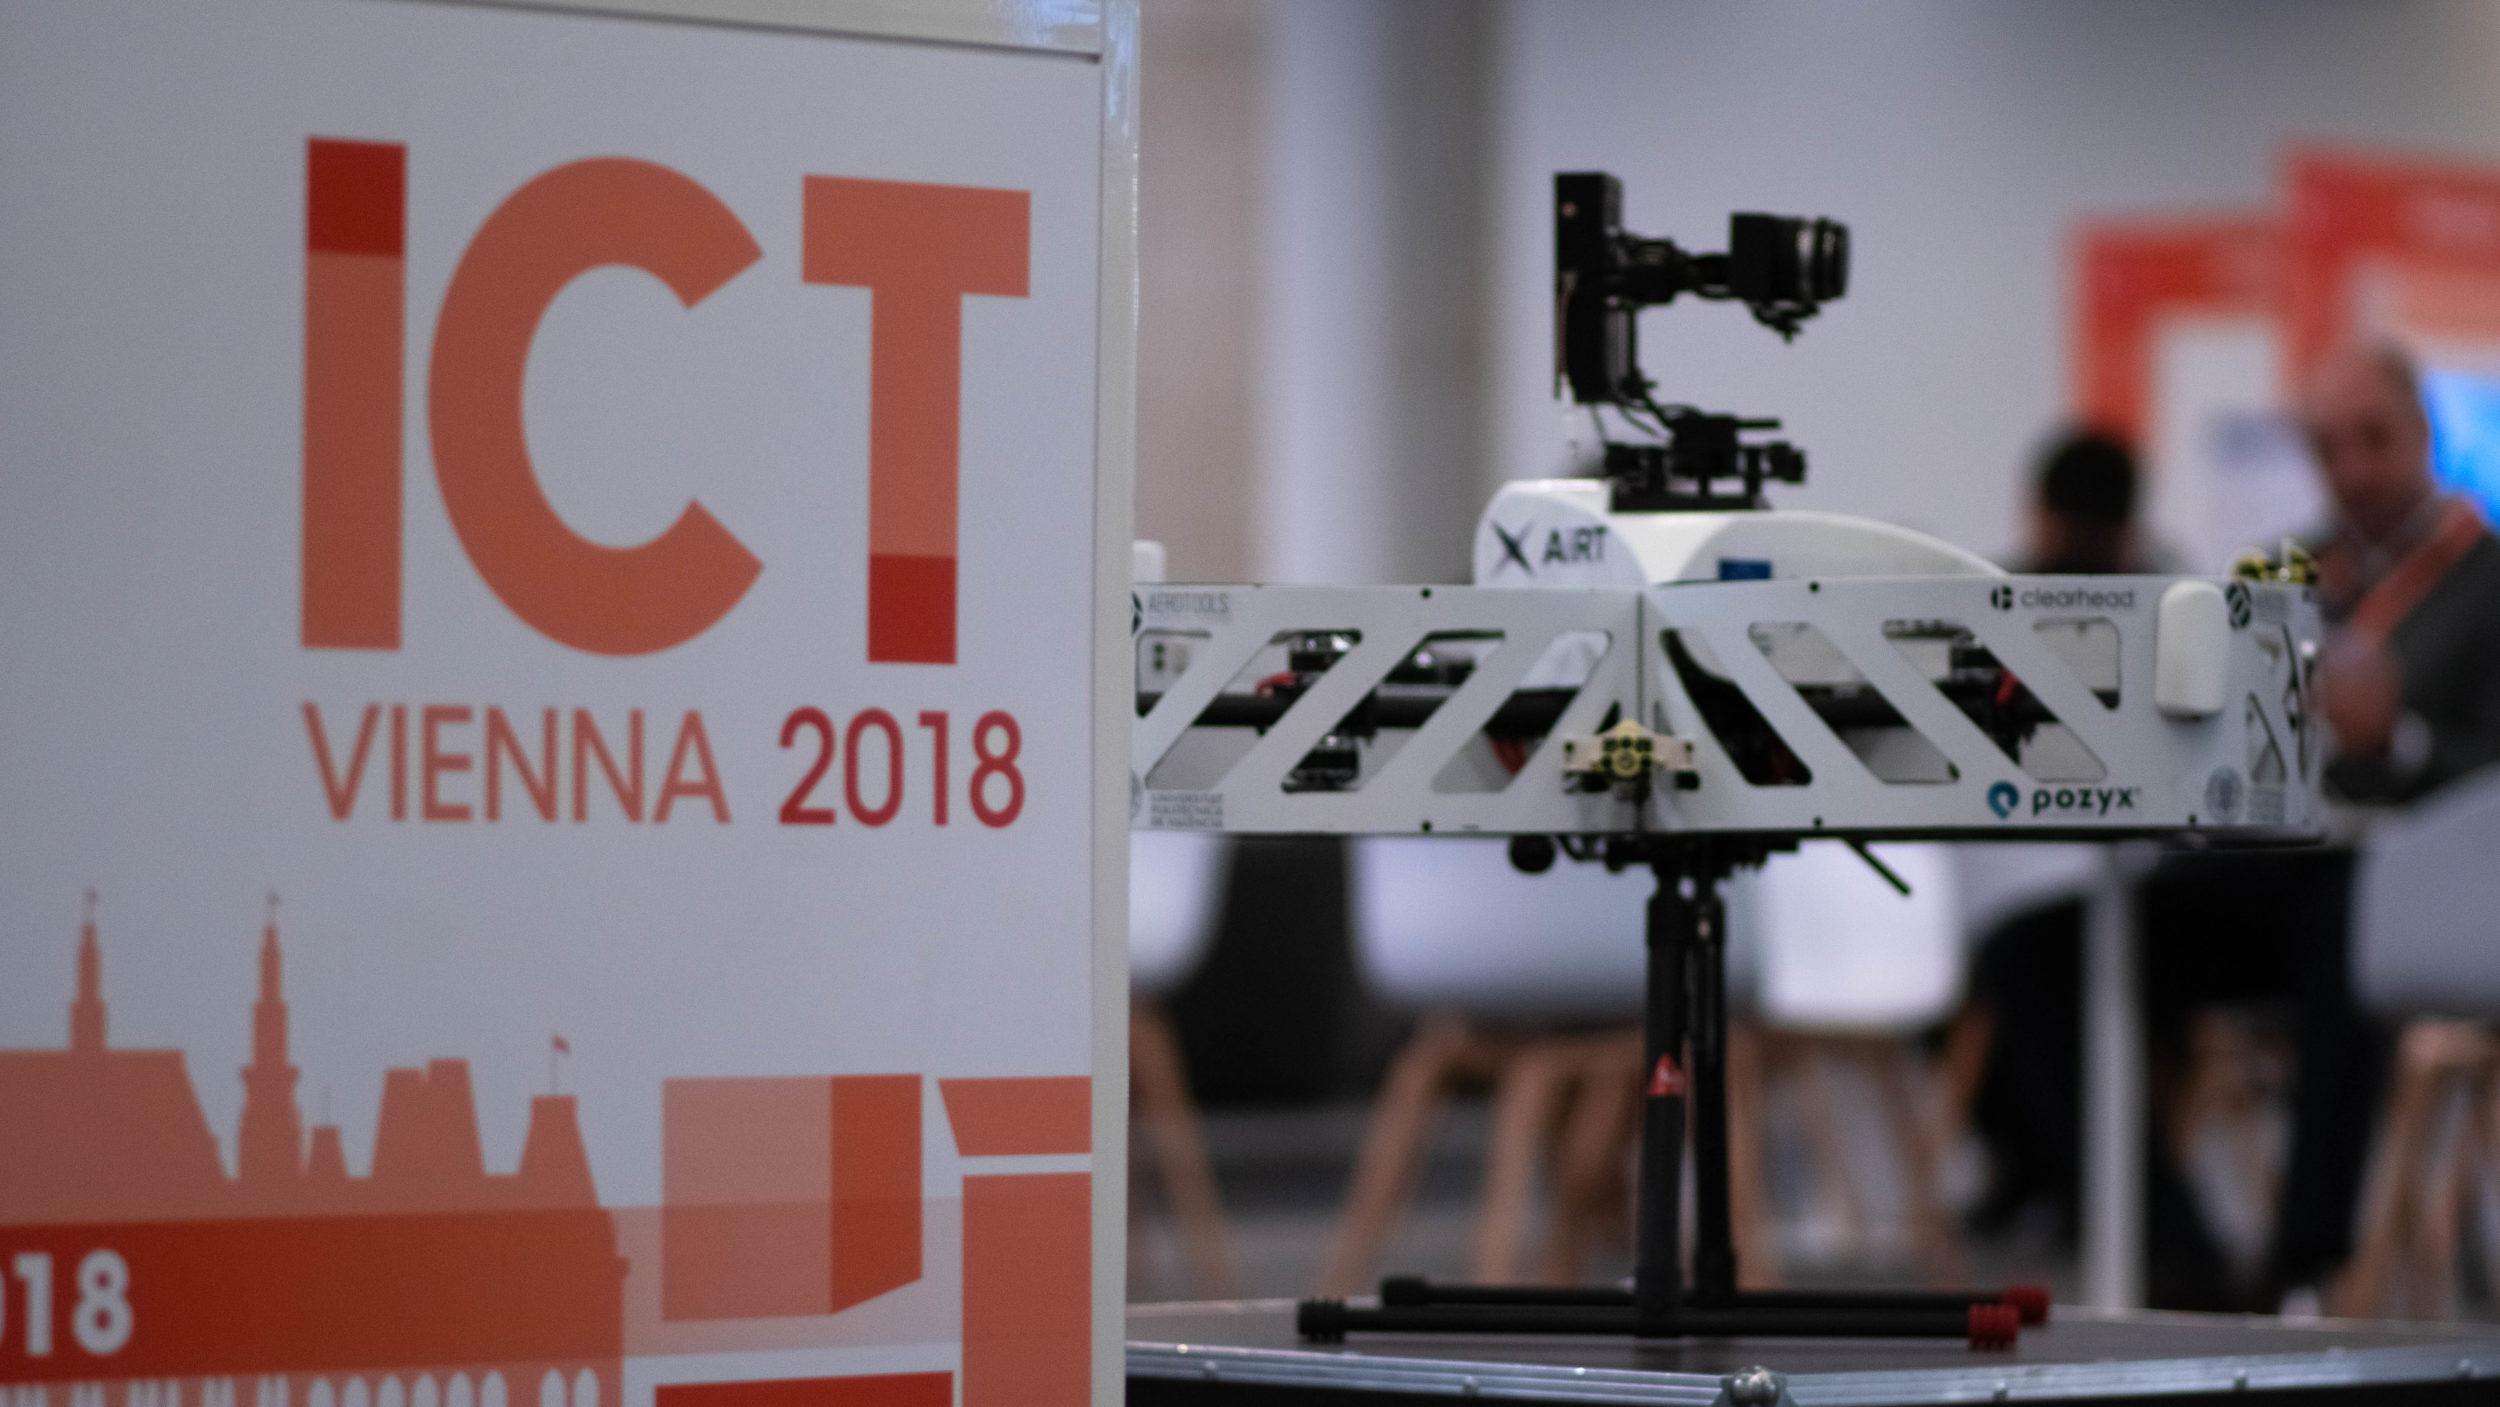 AiRT in ICT 2018 Vienna